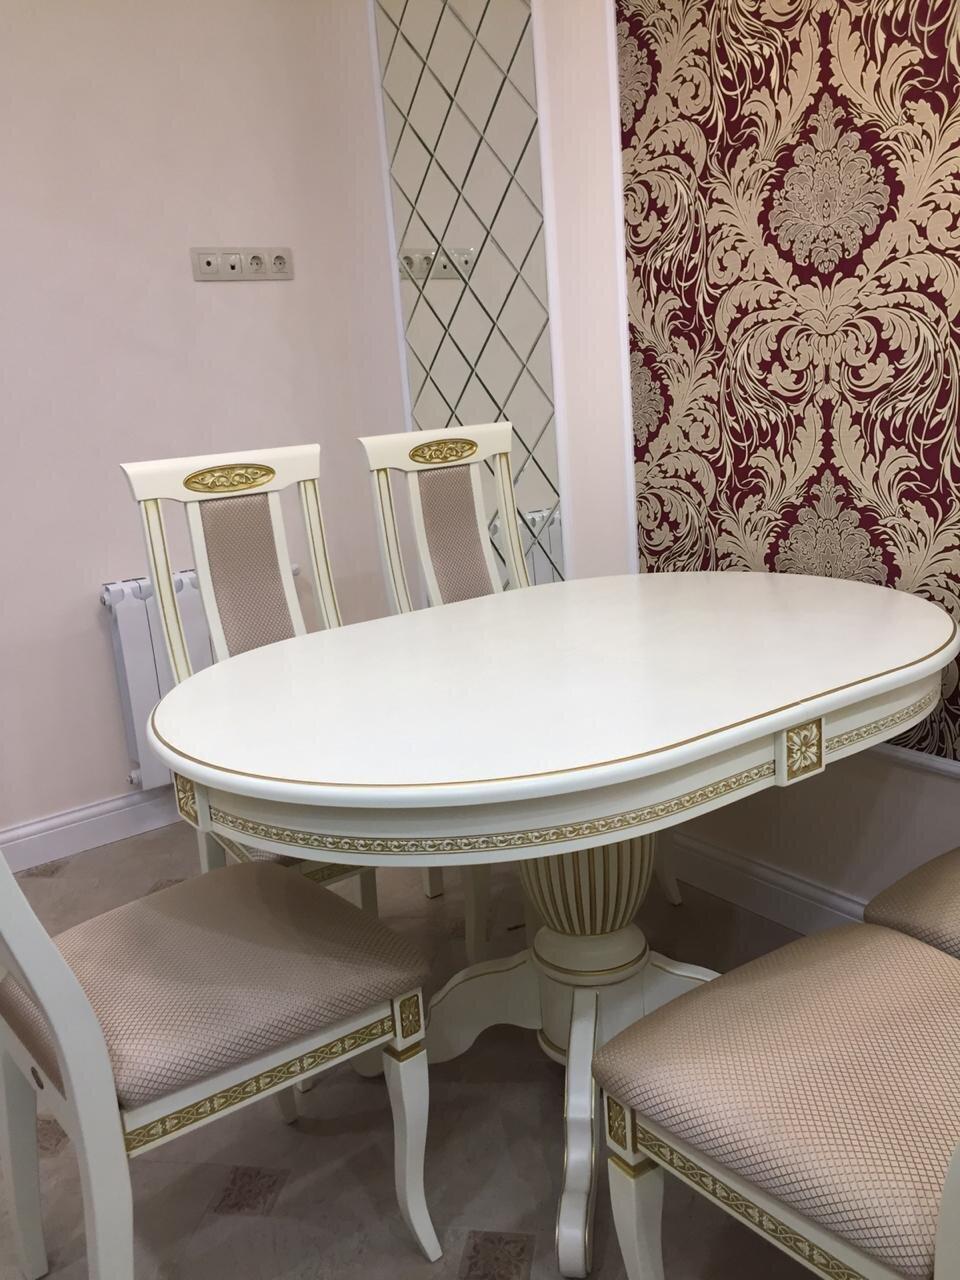 Овальный обеденный стол из массива бука раздвижной Размер 90*130 (+50 ) см. цвет слоновая кость с золотой патиной - фото pic_541d35c559b31655b7359ee2a0b7e0b0_1920x9000_1.jpg